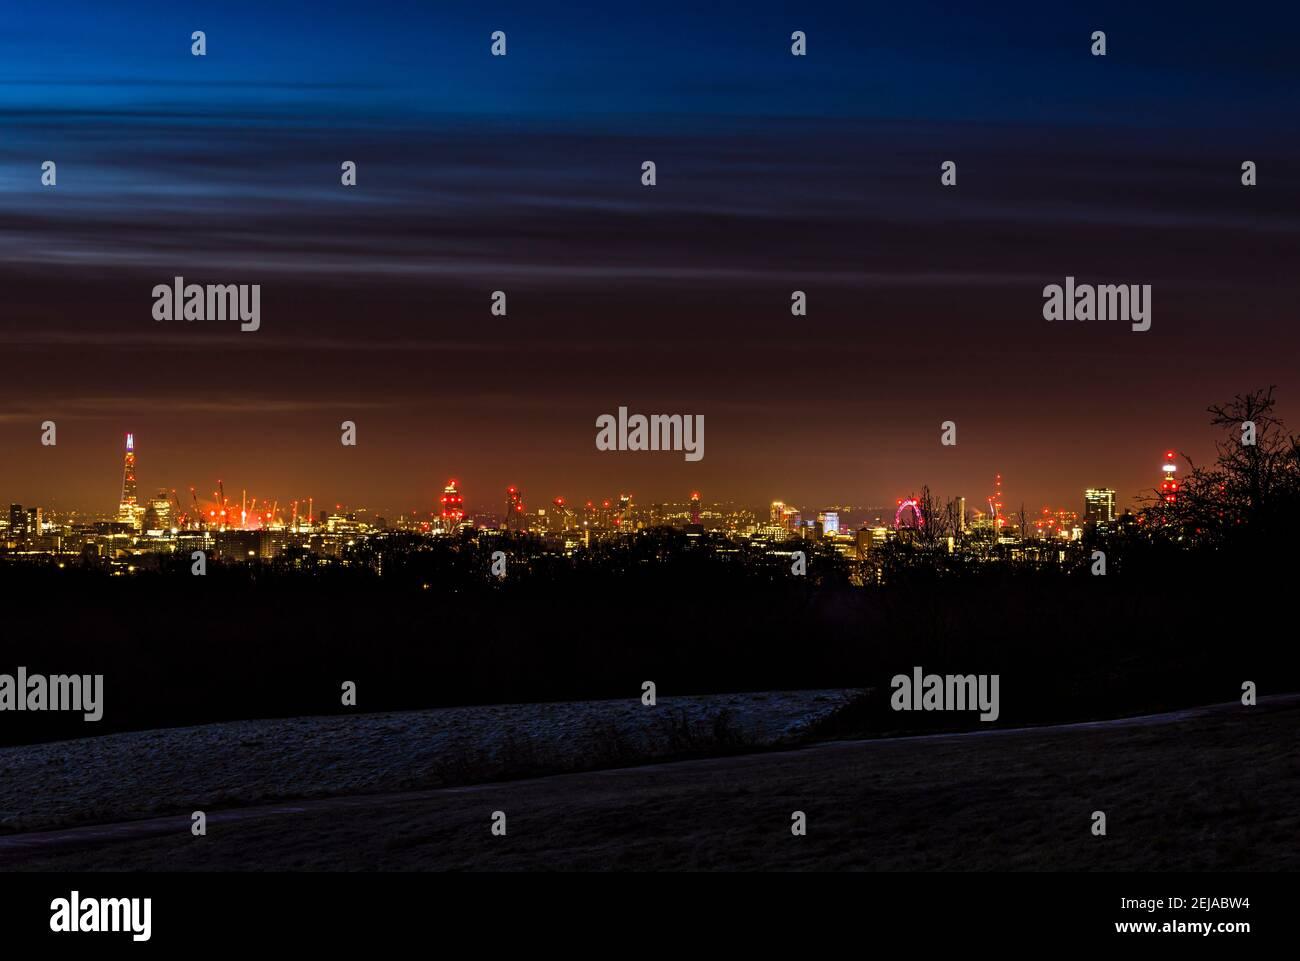 Vista panorámica de Londres desde el Shard hasta la Torre BT, tomada al amanecer desde Hampstead Heath, Londres, Reino Unido Foto de stock